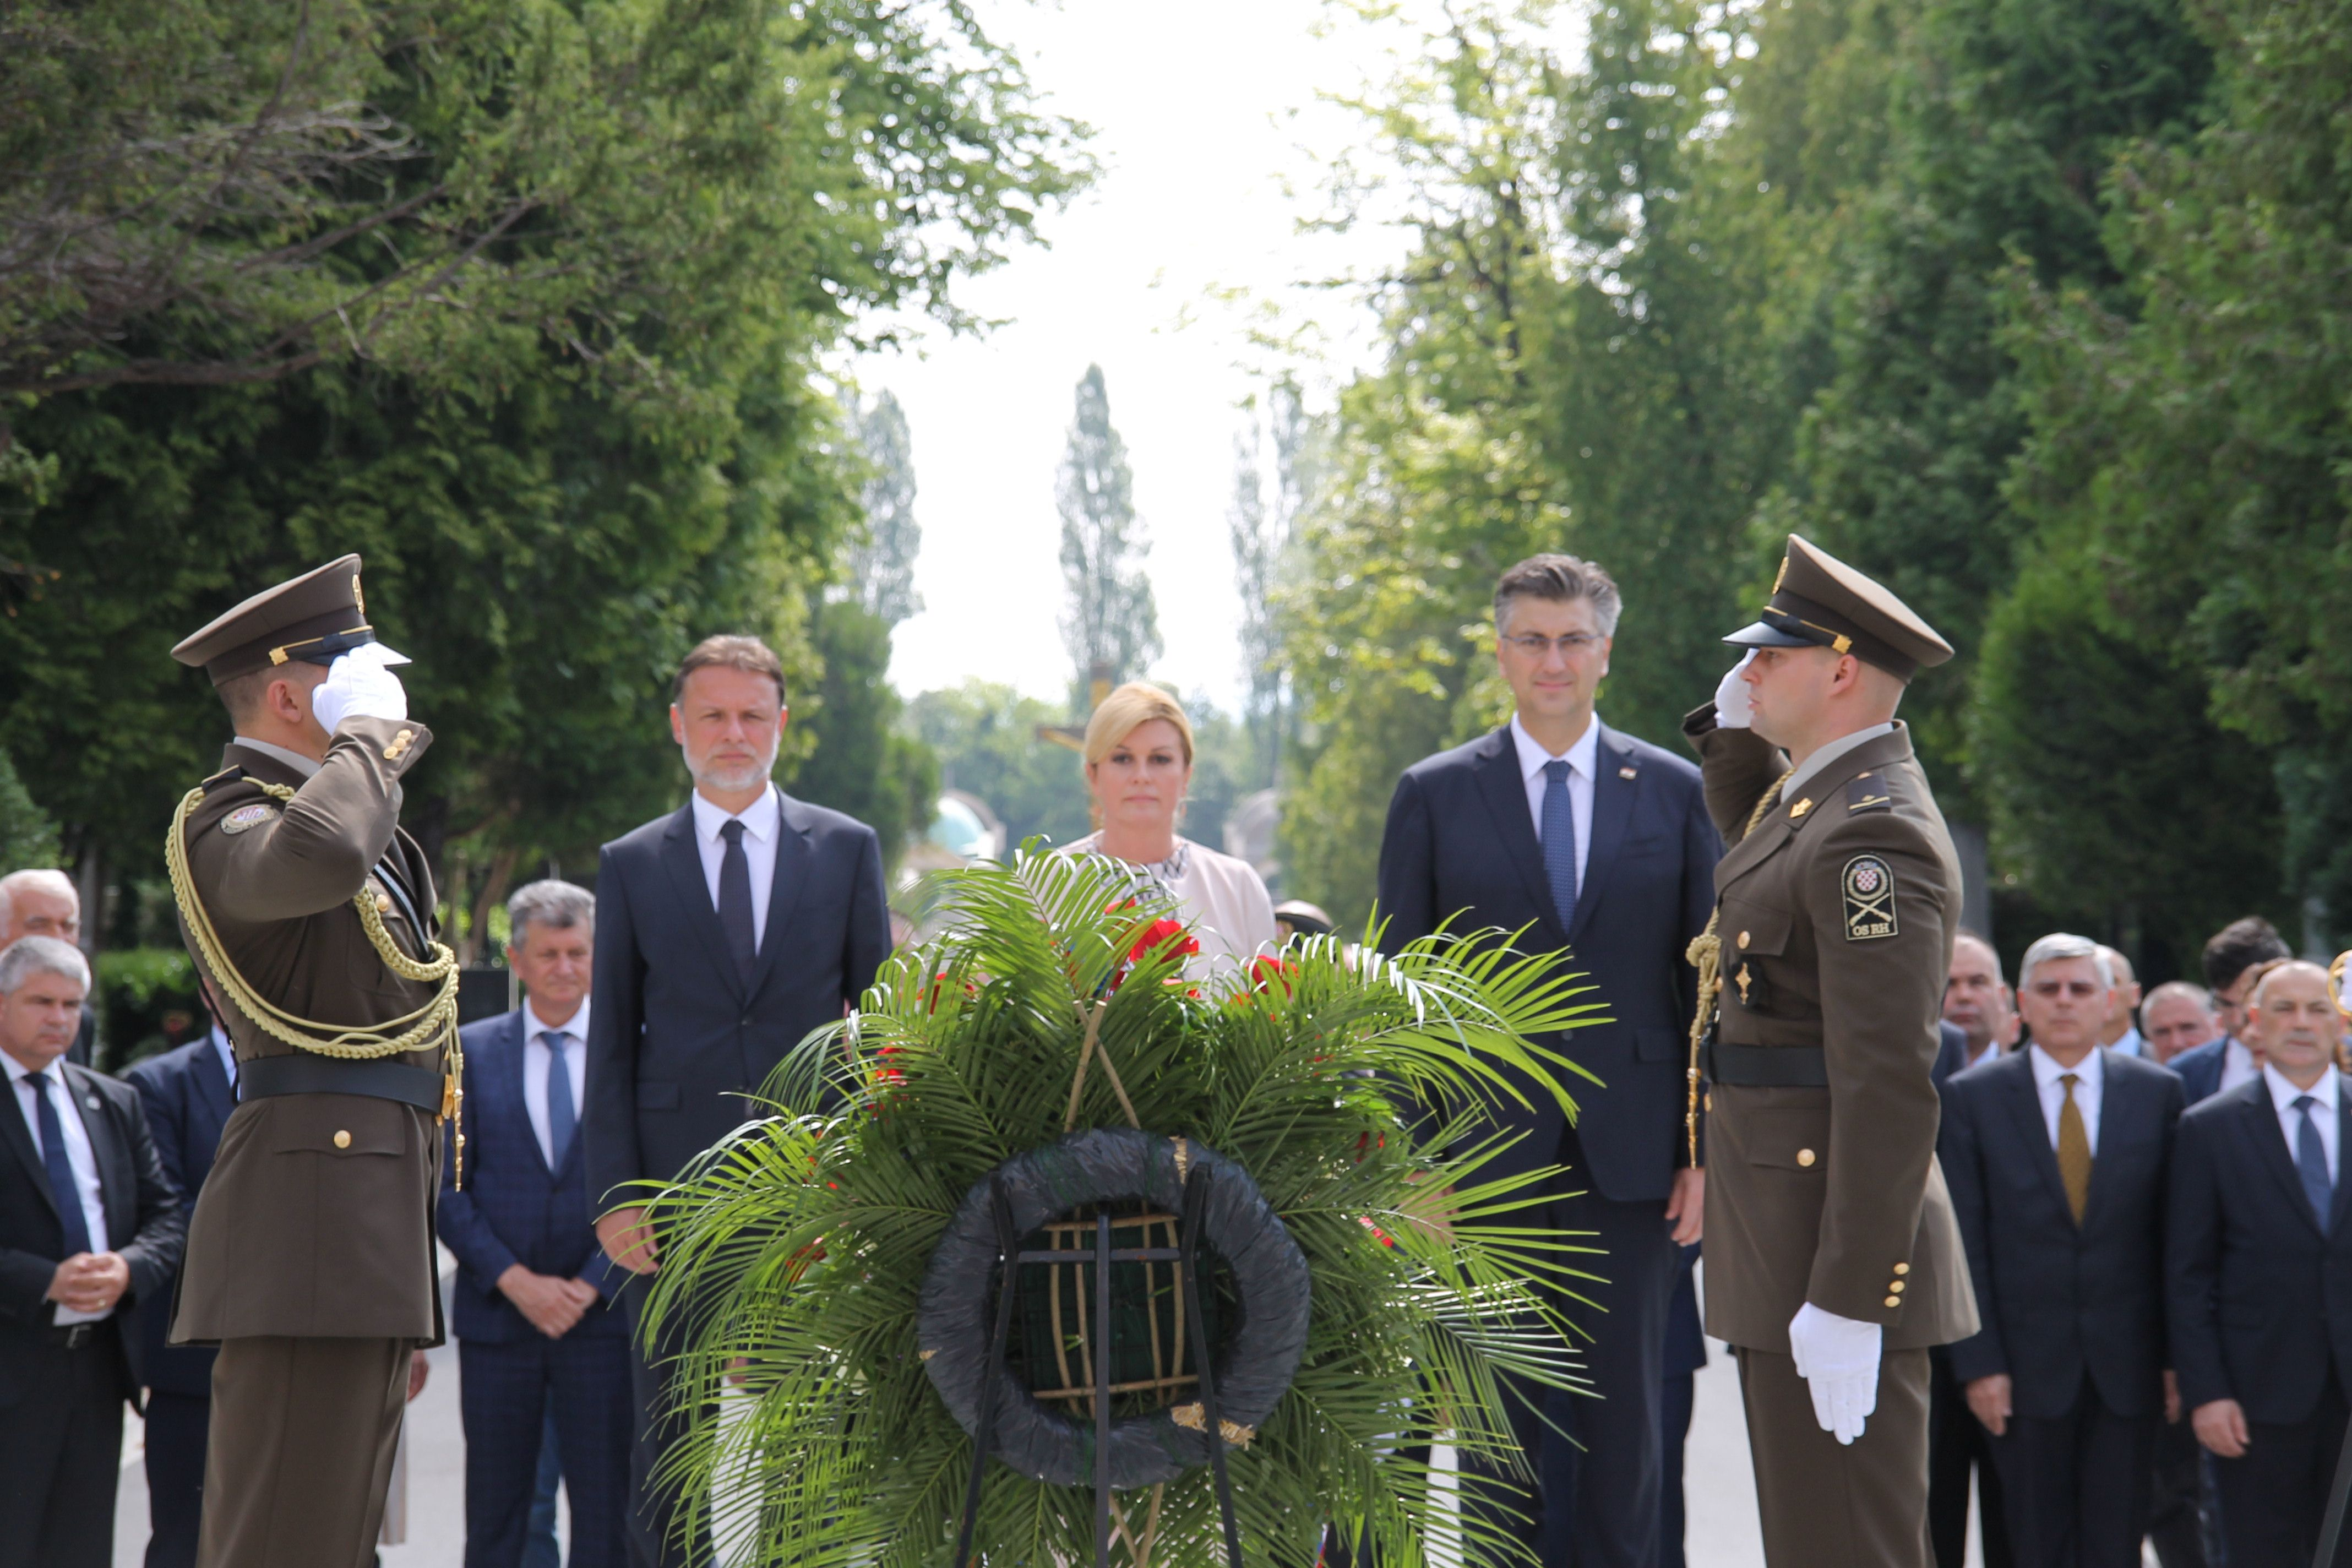 Državni vrh položio vijence na Mirogoju i građanima čestitao Dan državnosti